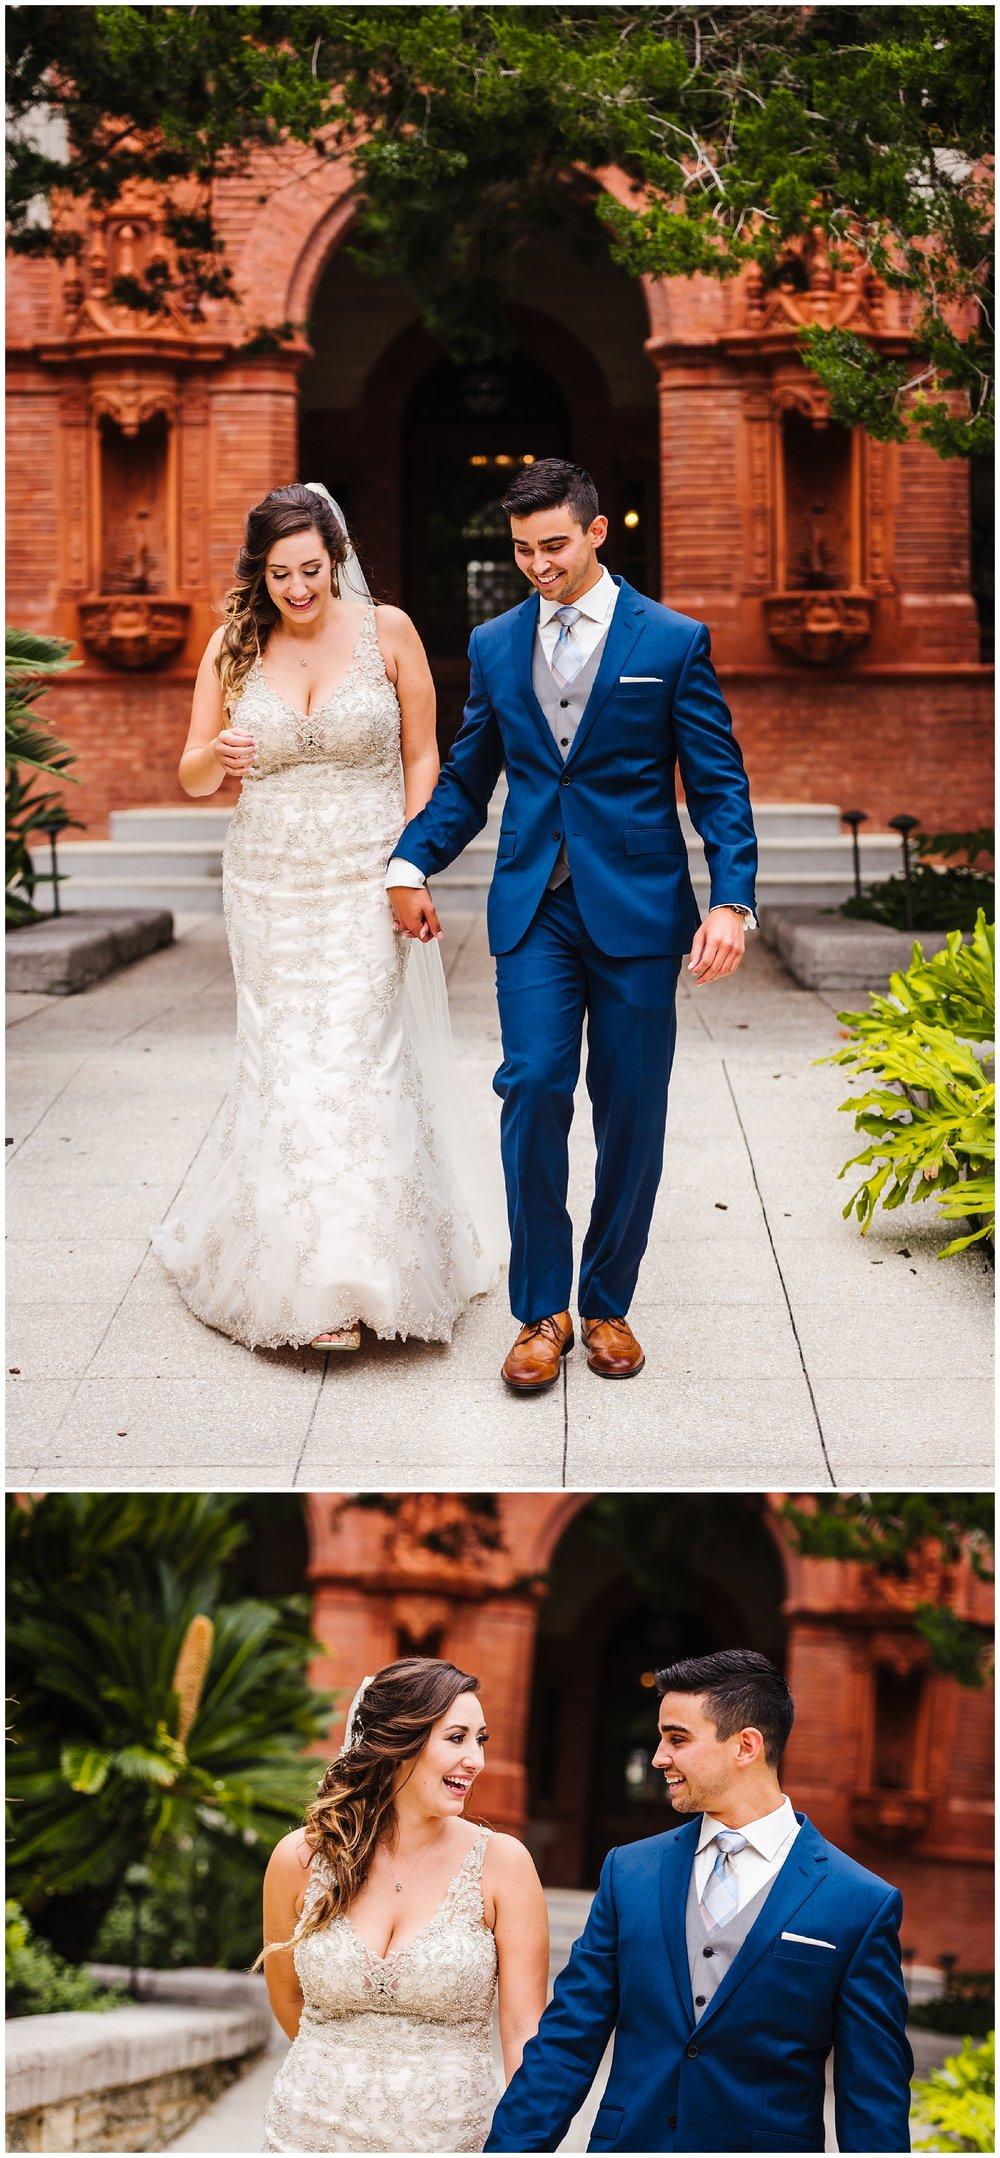 st-augustine-destination-wedding-photographer-white-room-villa-blanca-flagler-first-look_0019.jpg